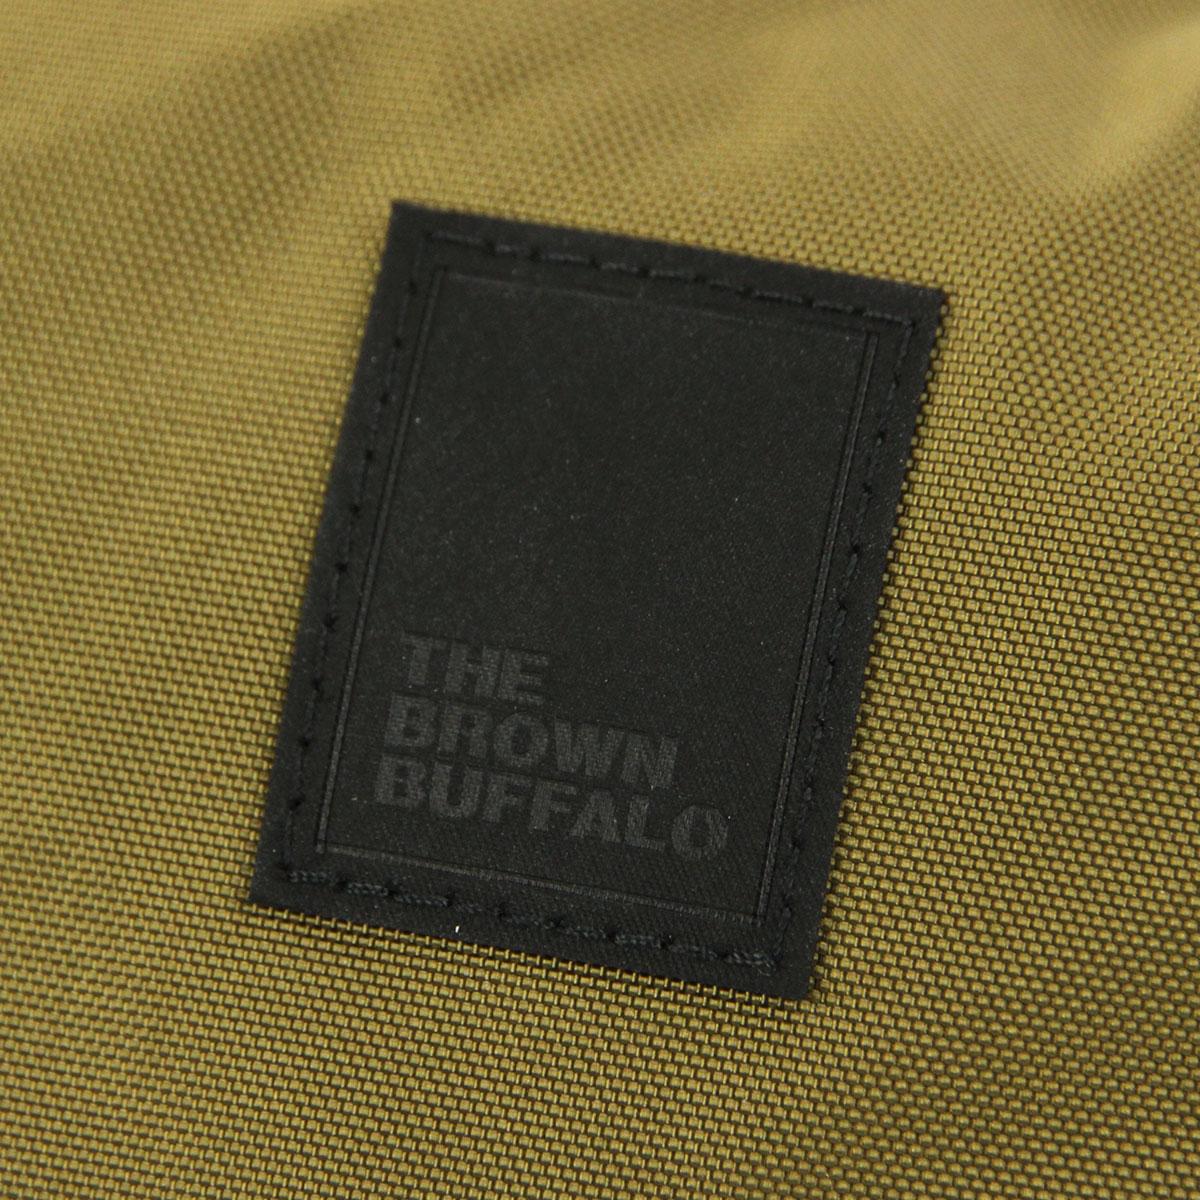 ザ ブラウン バッファロー バッグ メンズ レディース 正規販売店 THE BROWN BUFFALO ショルダーバッグ ボディバッグ SUPPLYSLING COYOTE F18SS420DCOY6 AA7B B3C C8D D4E E05F